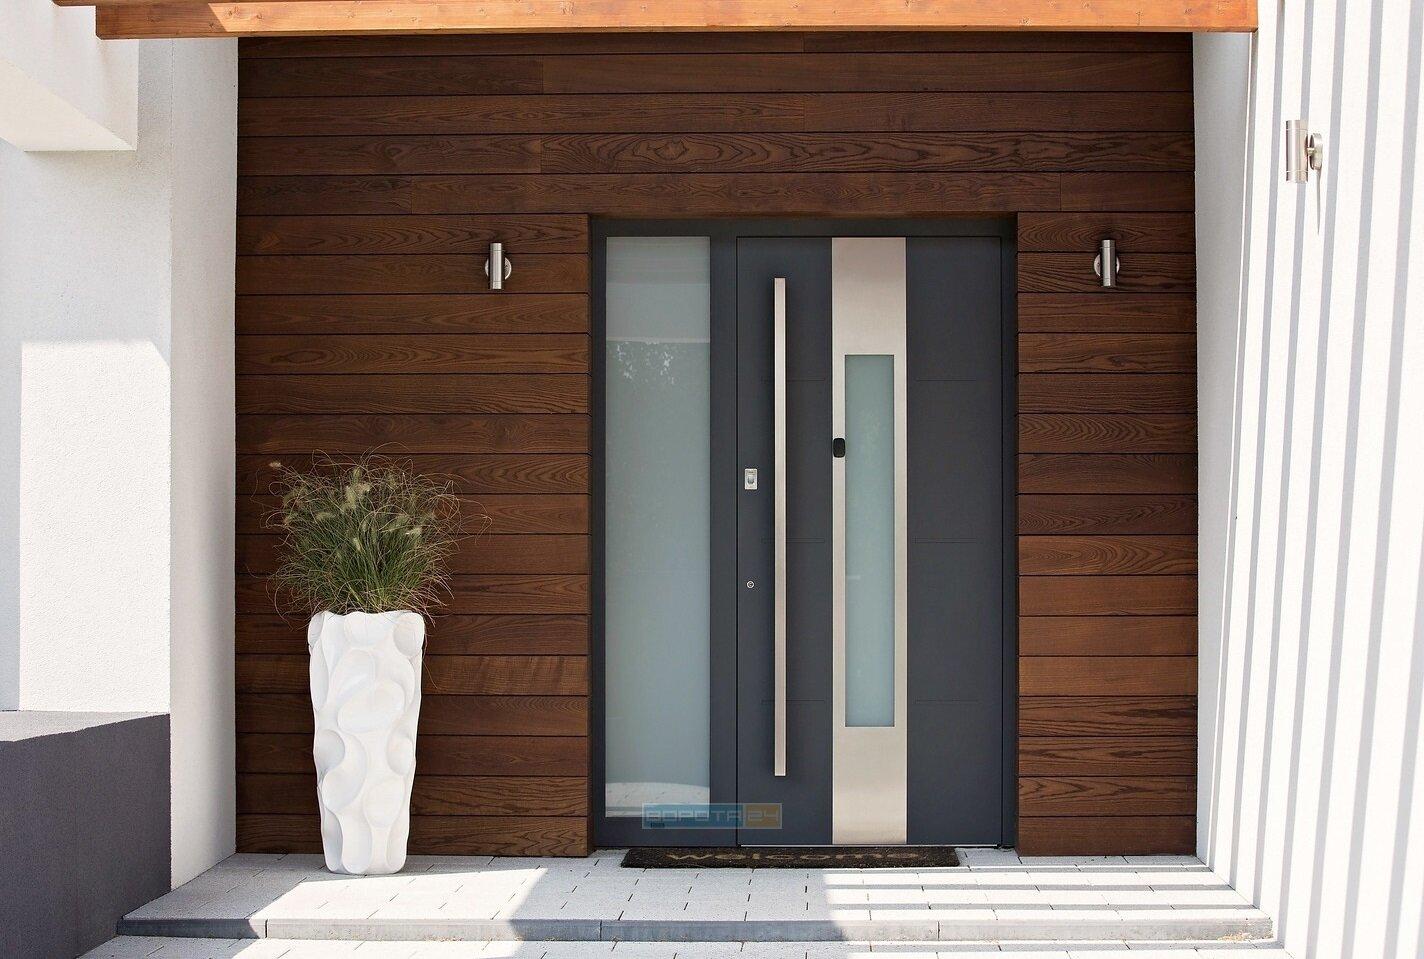 dizajn-dveri-naruzhnoj-v-chastnyj-dom-vkhodnye-alyuminievye-konstruktsii-so-steklom